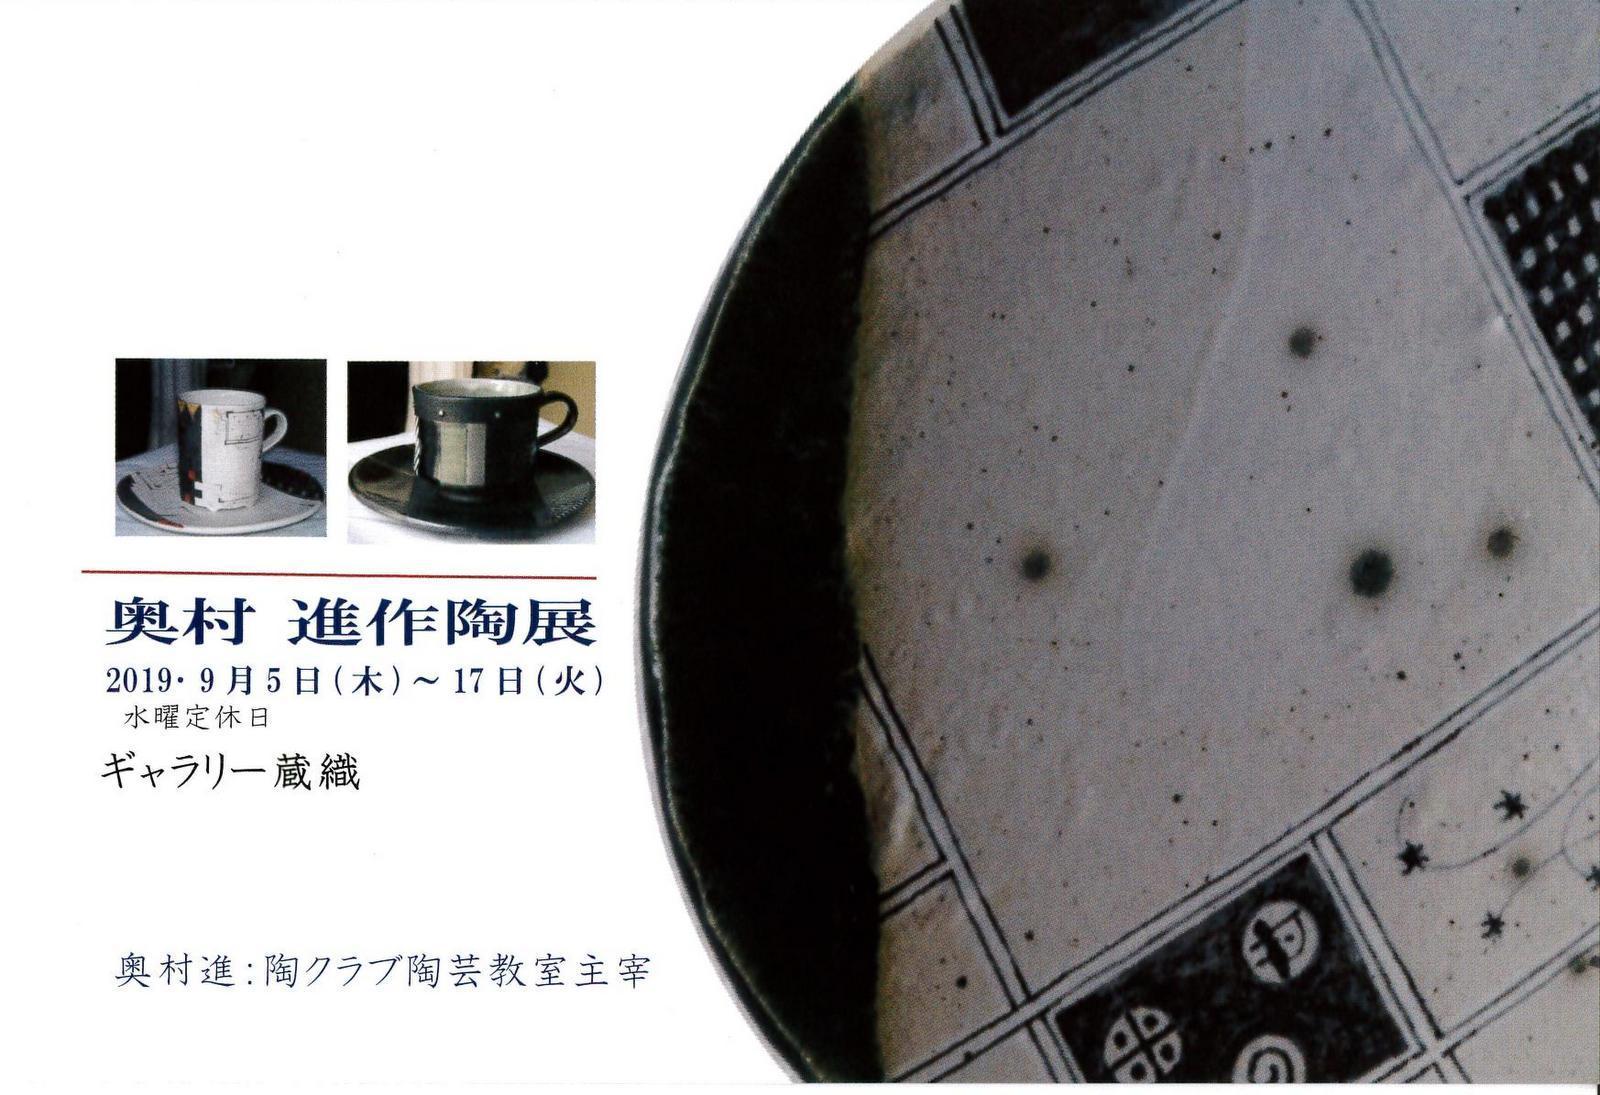 蔵織は今日から奥村進さんの作陶展。_e0046190_16080185.jpg